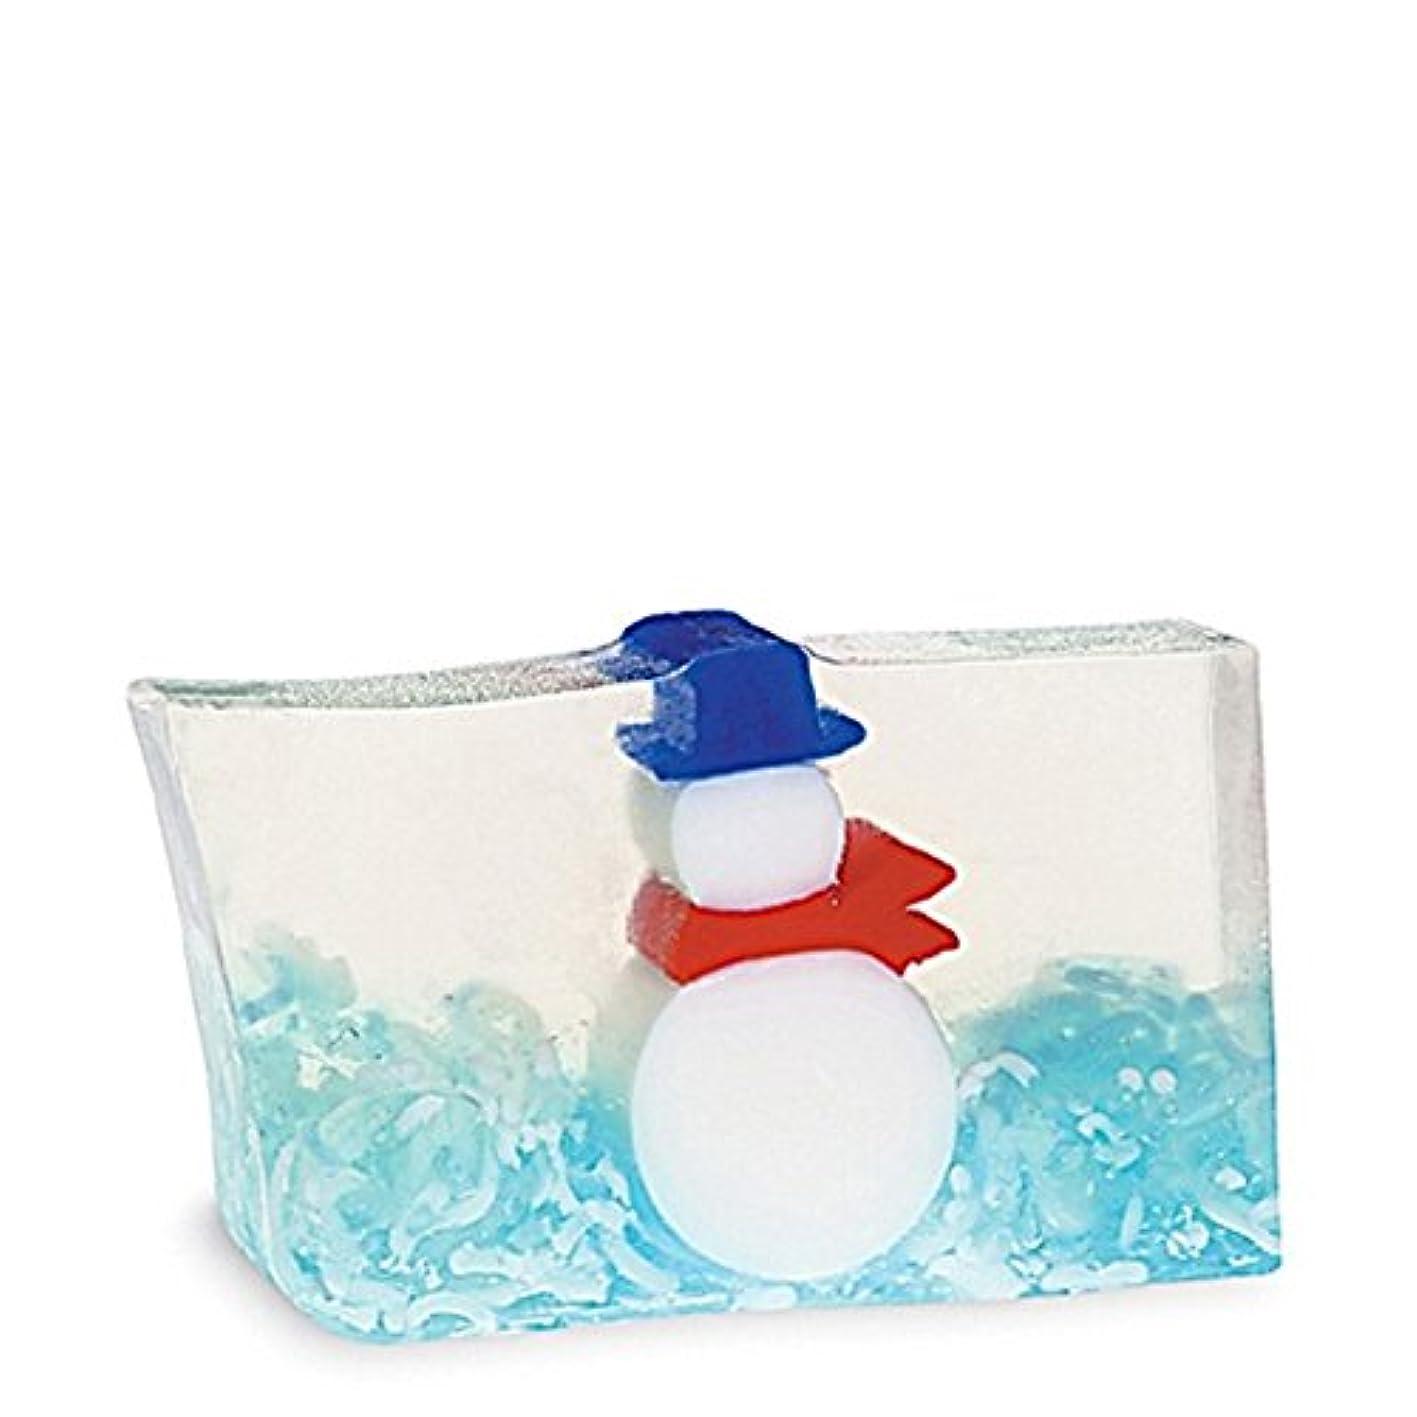 ホーン大工繊細原初の要素雪だるま石鹸170グラム x4 - Primal Elements Snowman Soap 170g (Pack of 4) [並行輸入品]